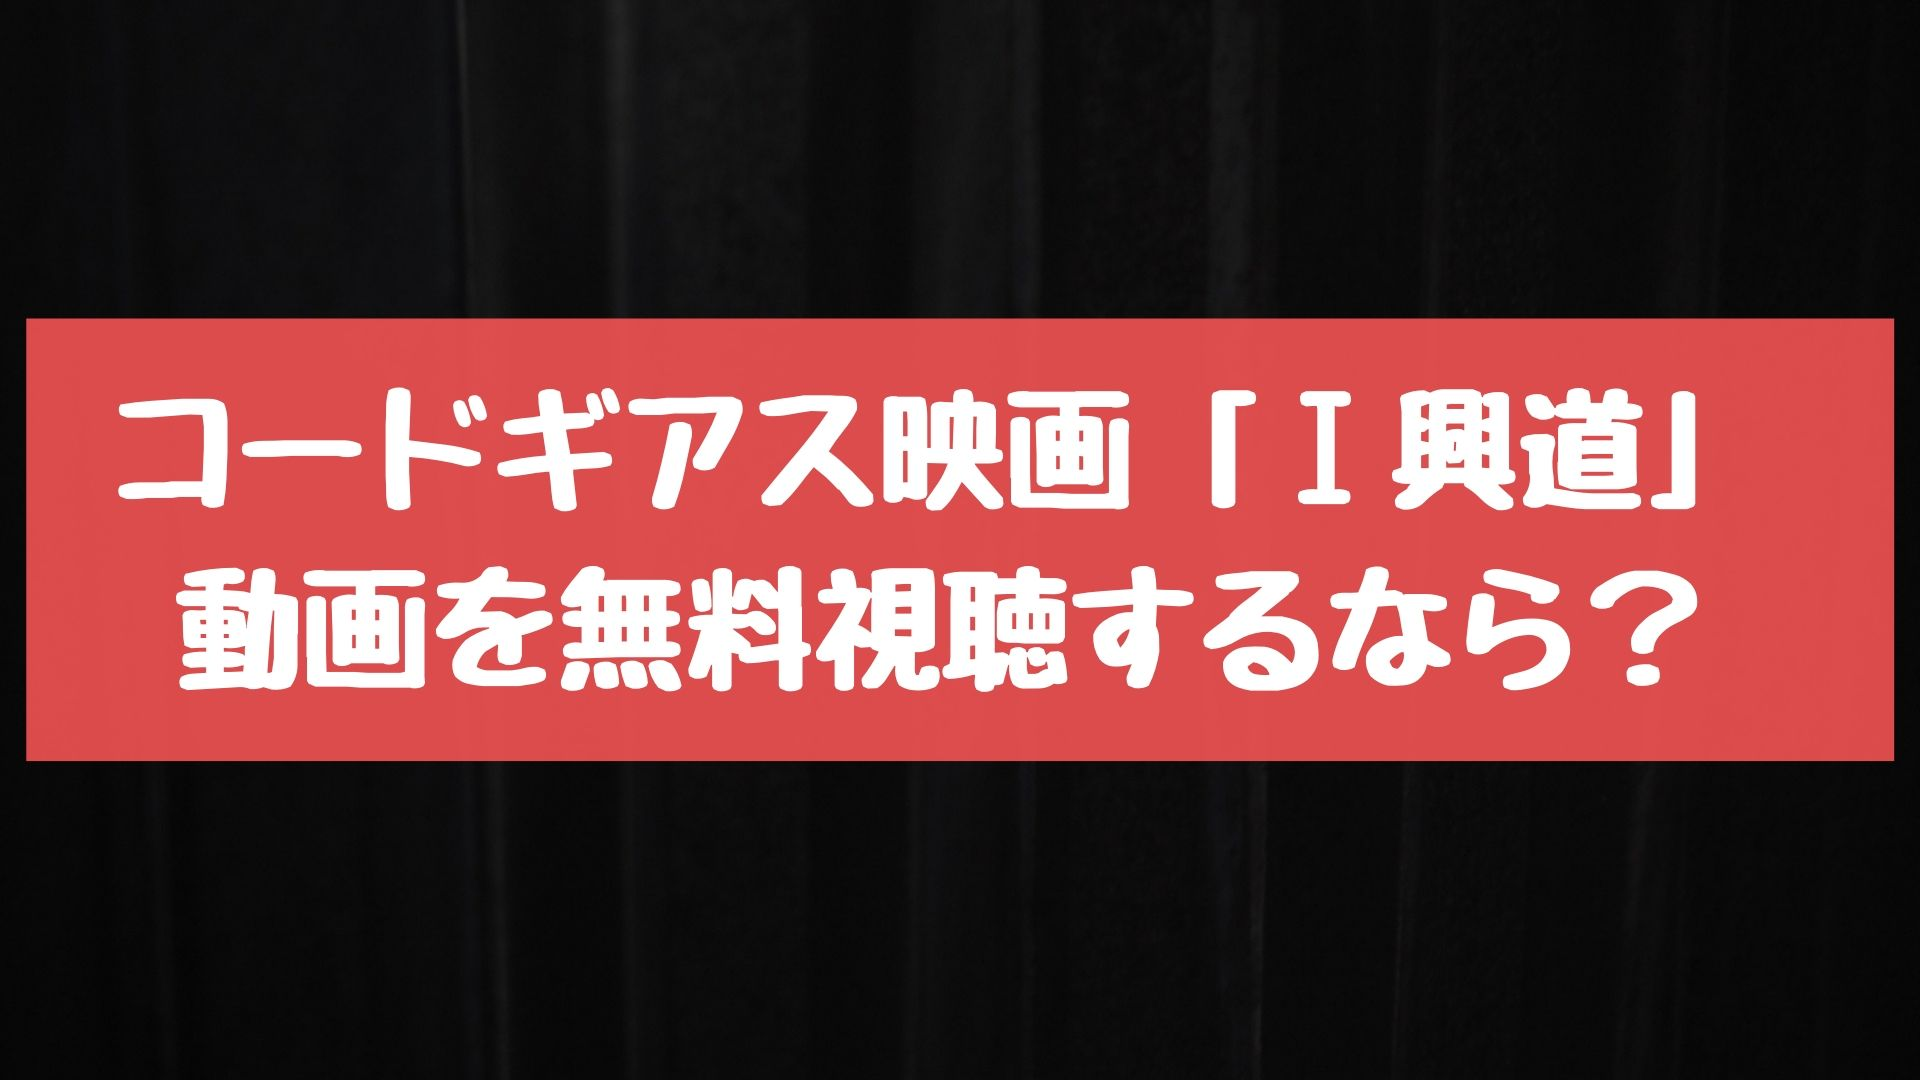 コードギアス映画「Ⅰ興道」の動画を無料視聴するなら?Anitube・B9・アニポより優秀なコレ!